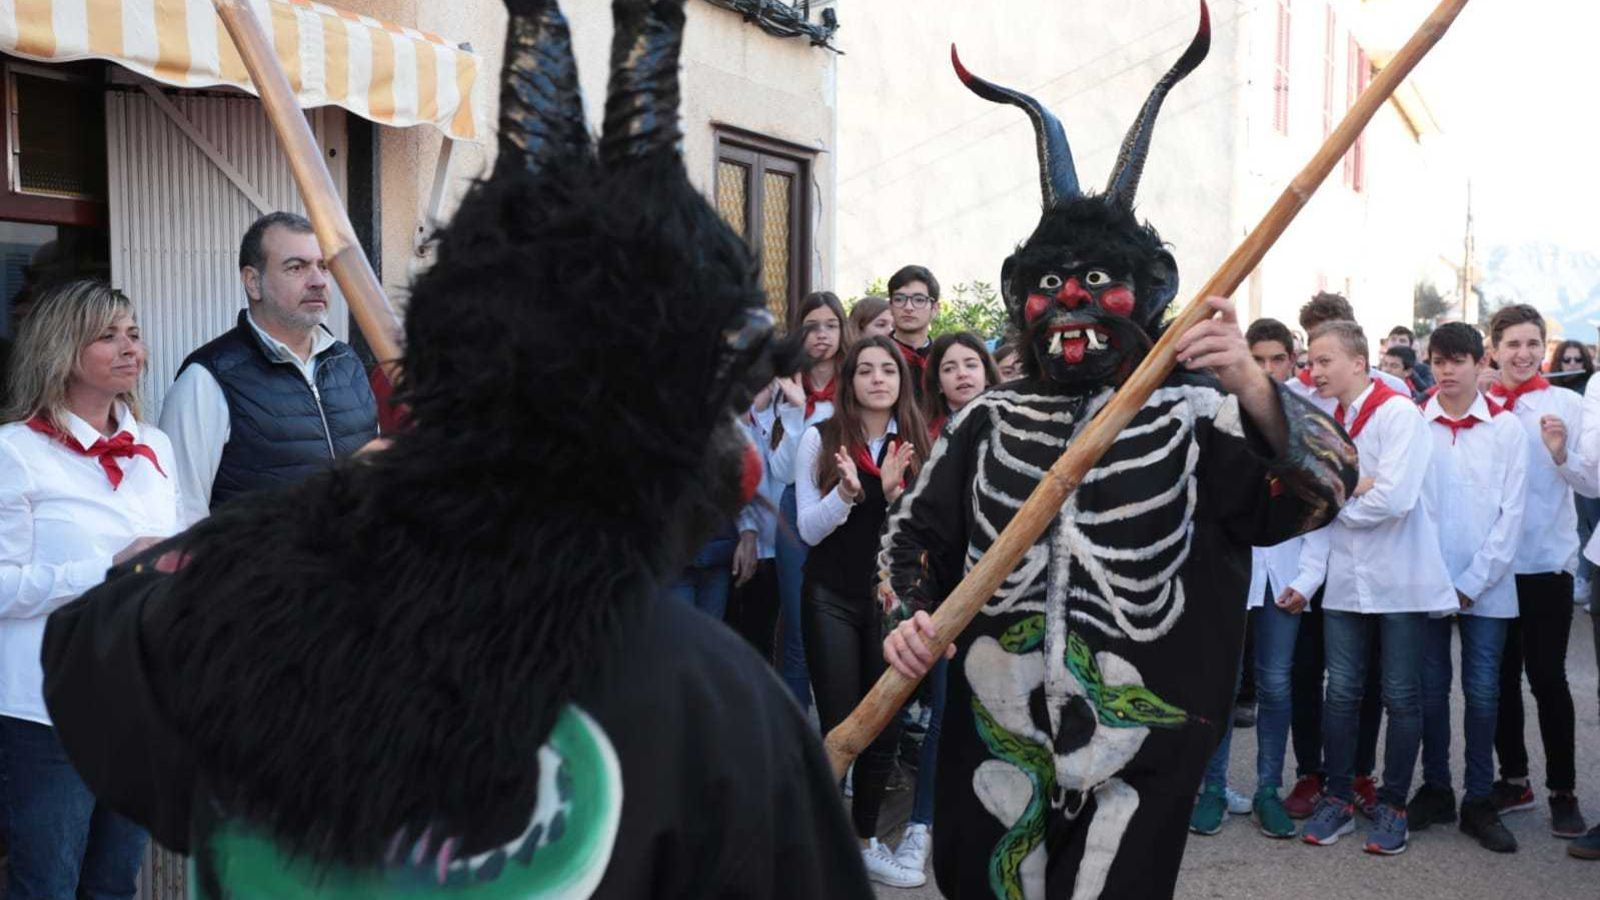 Els dimonis ballen a la Colònia de Sant Pere. / ISMAEL VELÁZQUEZ